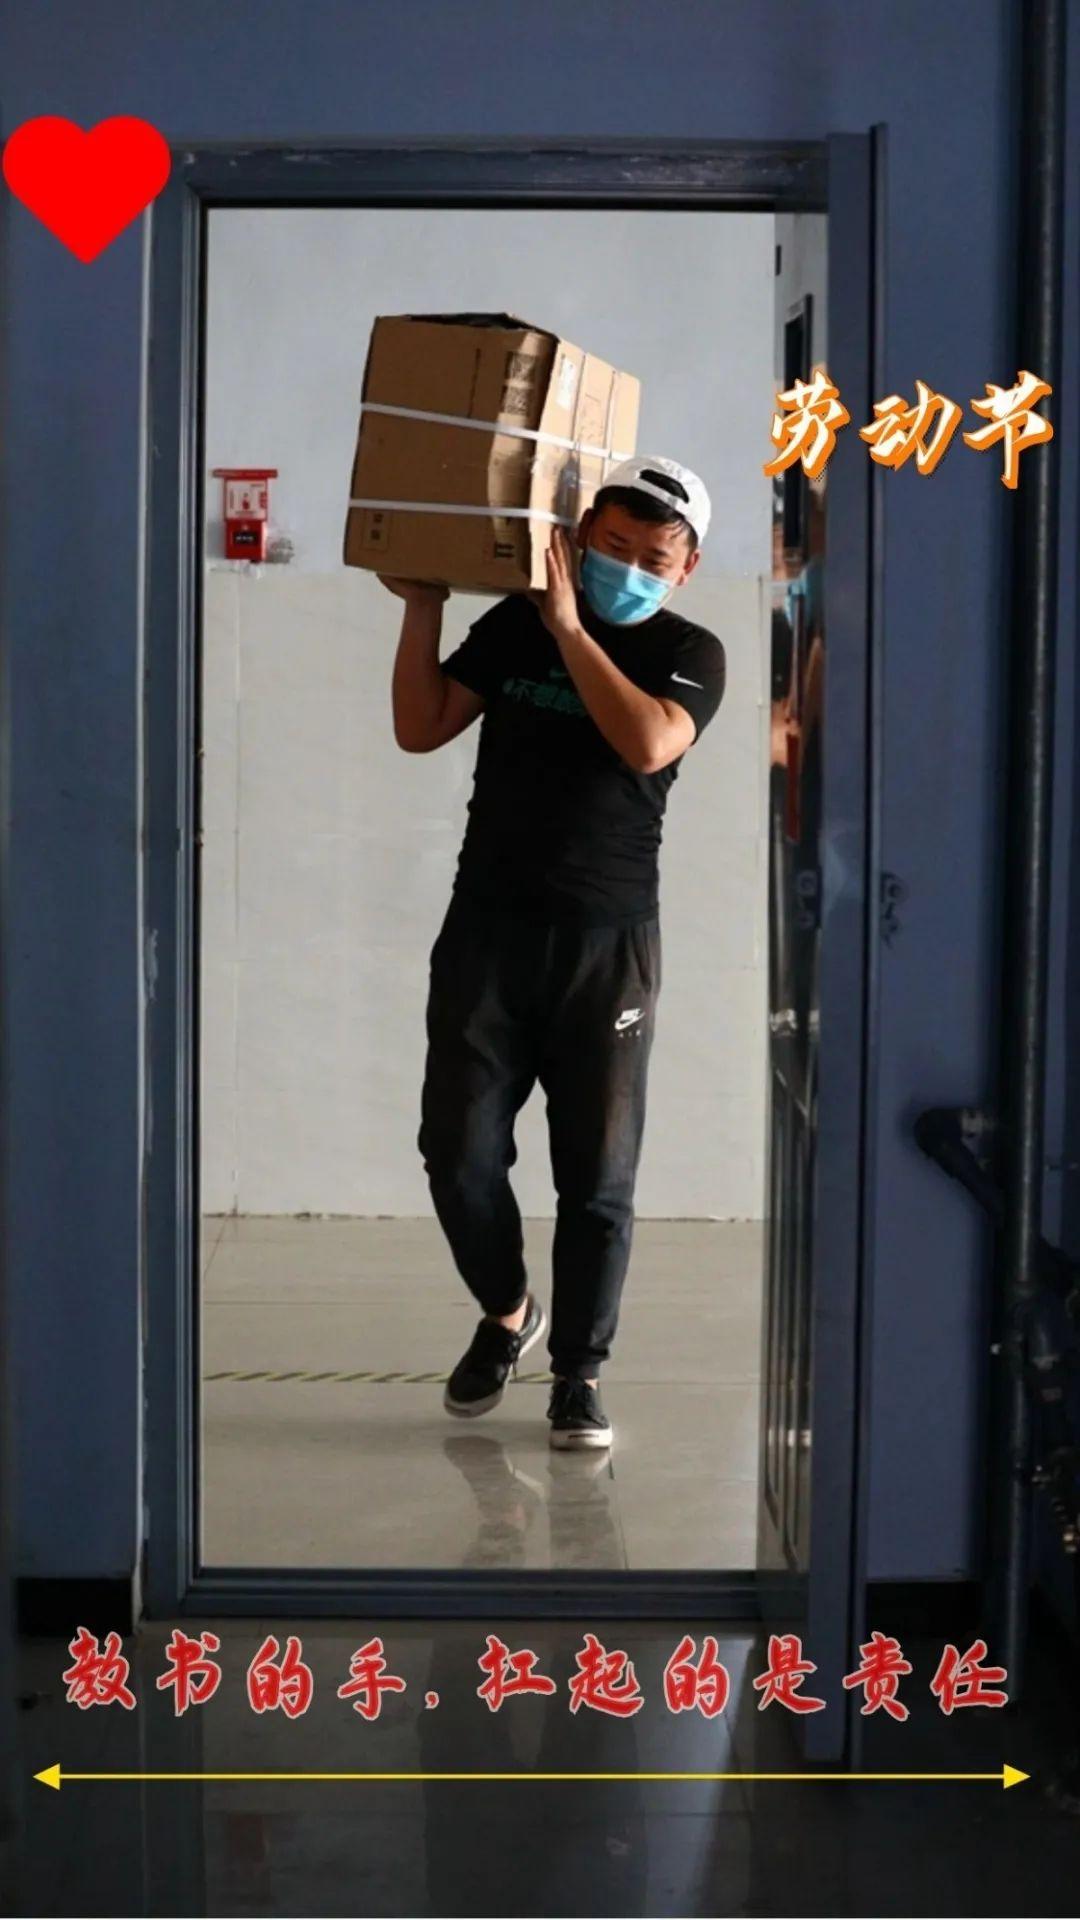 滨湖志臻|五一劳动节,致敬最可爱的人7721 作者: 来源: 发布时间:2020-5-5 08:15